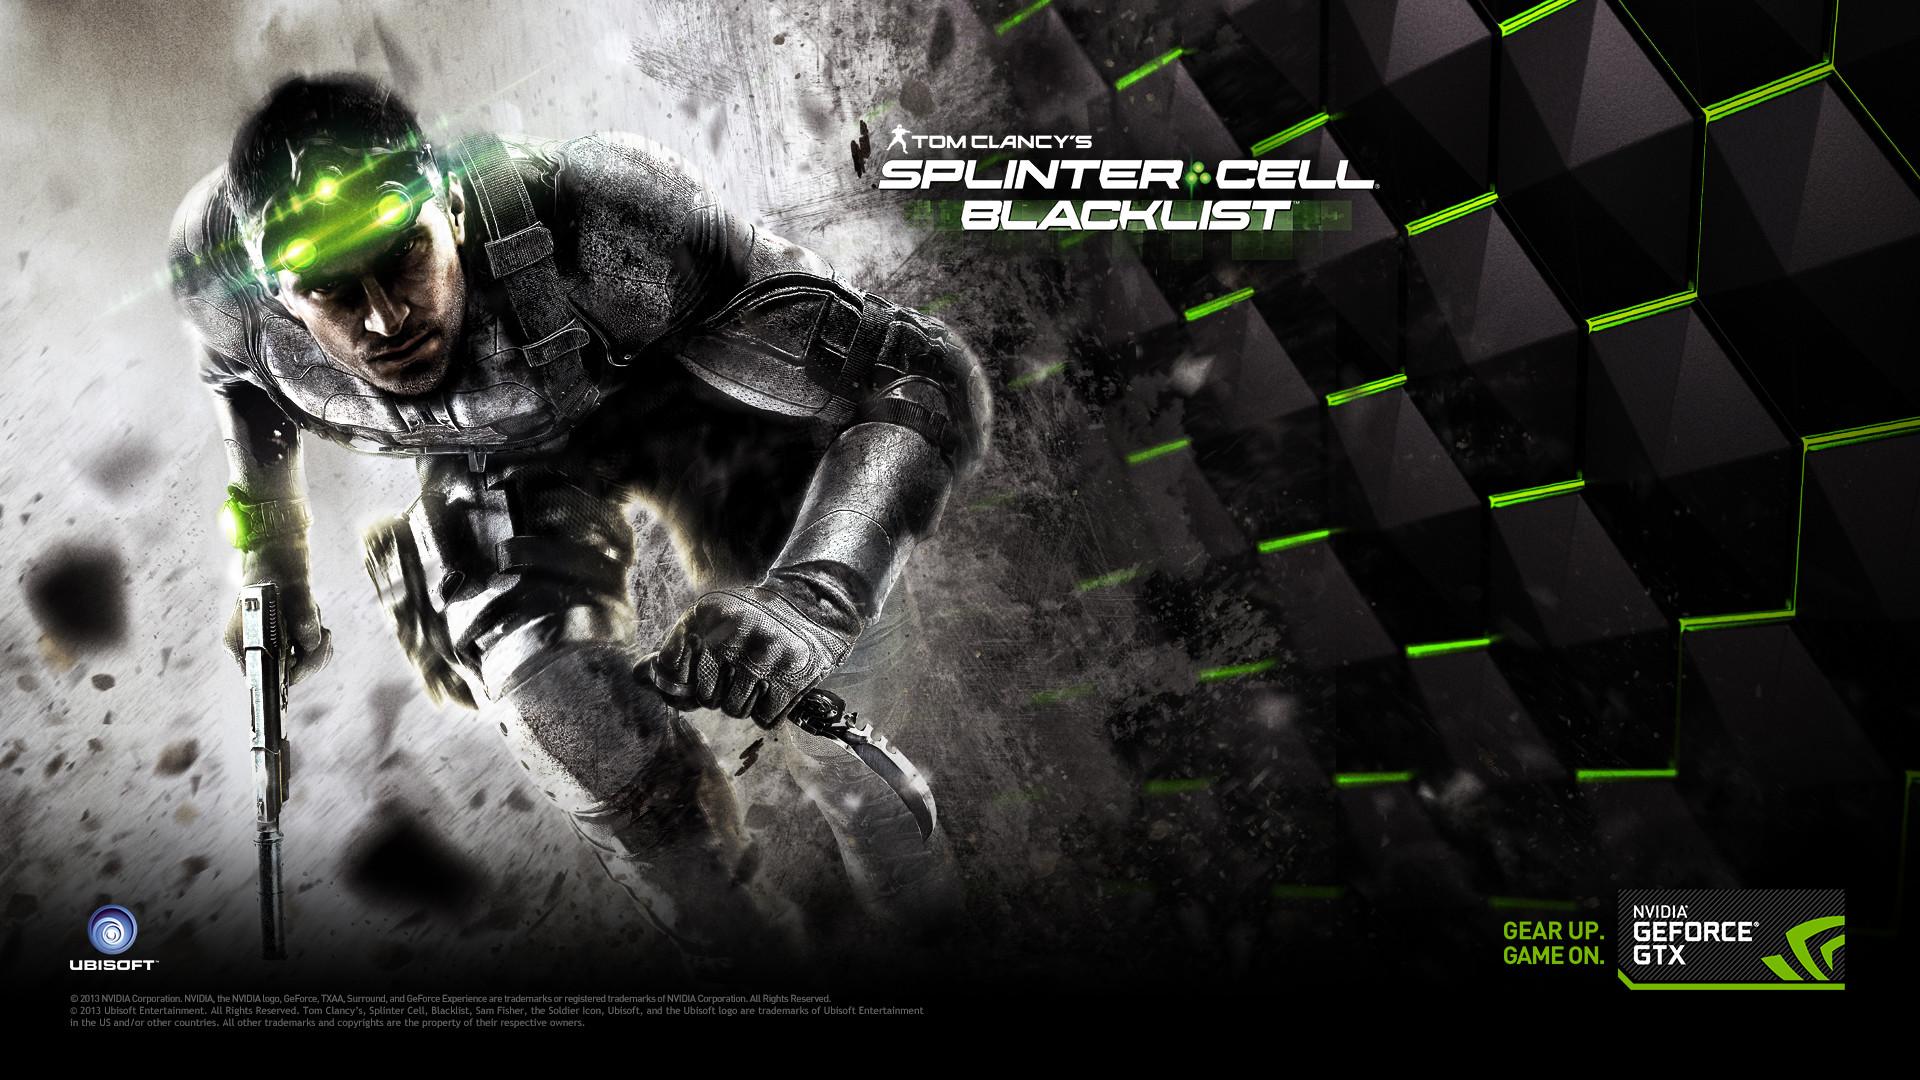 Splinter cell 1 wallpaper